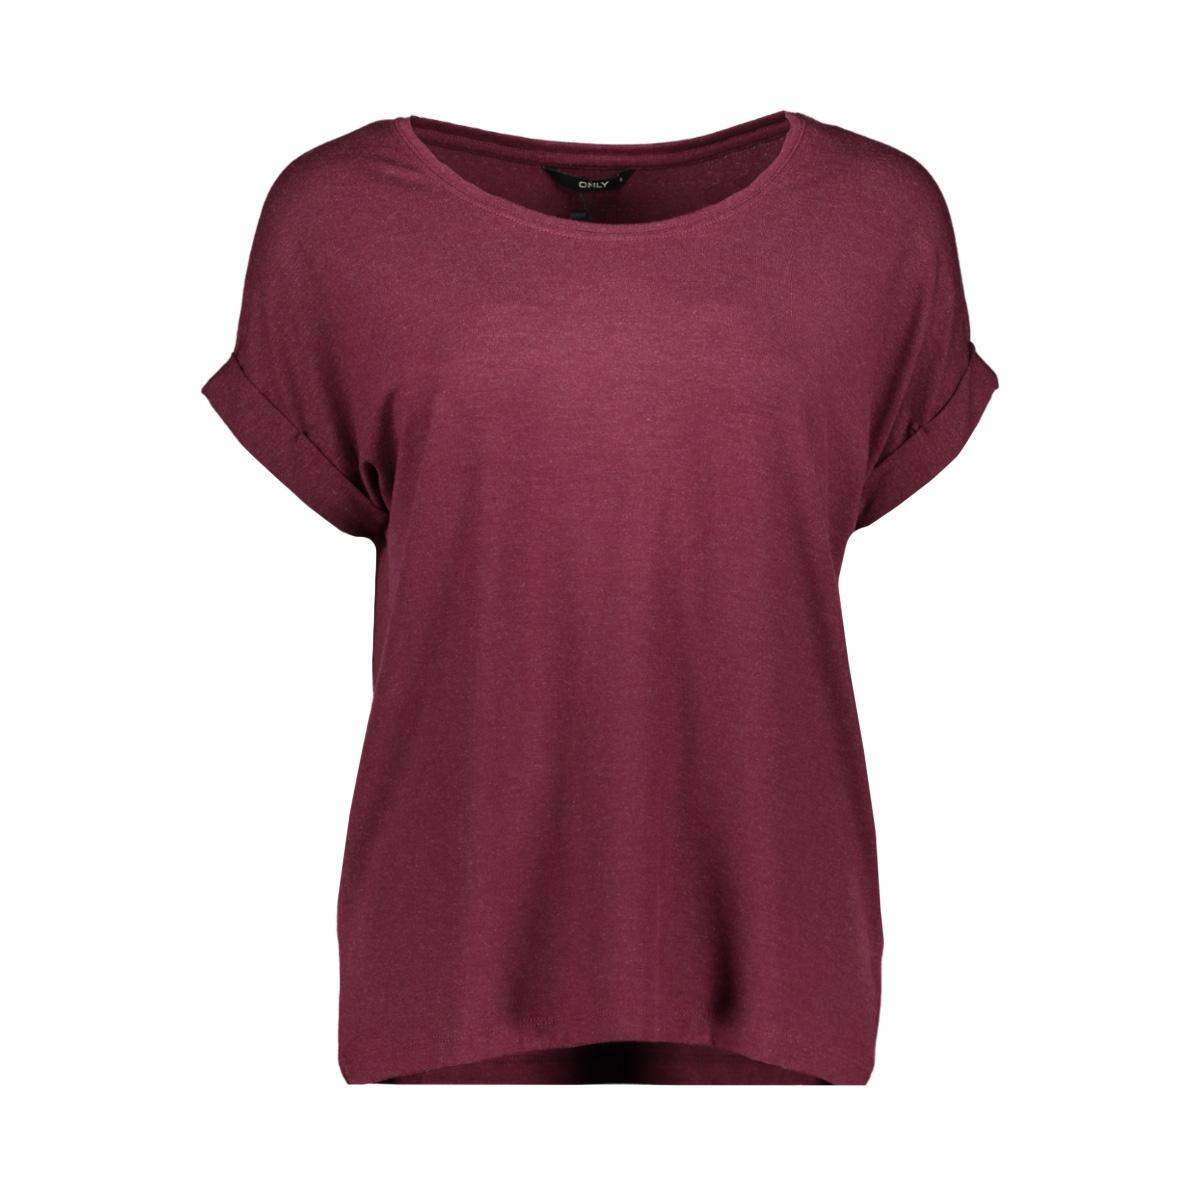 onlmoster s/s o-neck top noos jrs 15106662 only t-shirt windsor wine